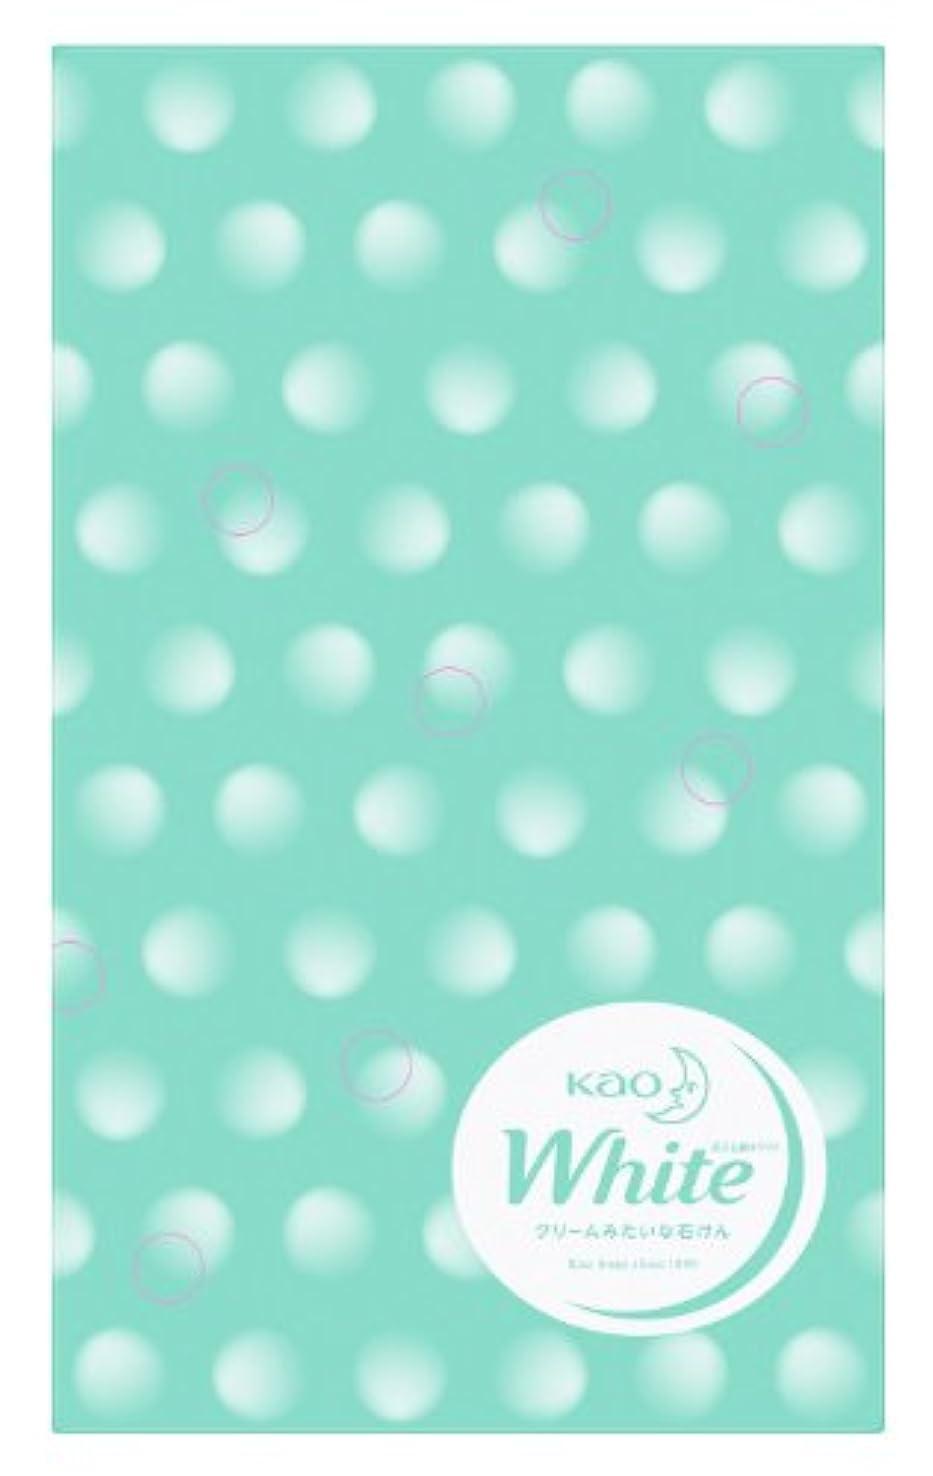 量ひもダム花王ホワイト 普通サイズ 10コ包装デザイン箱